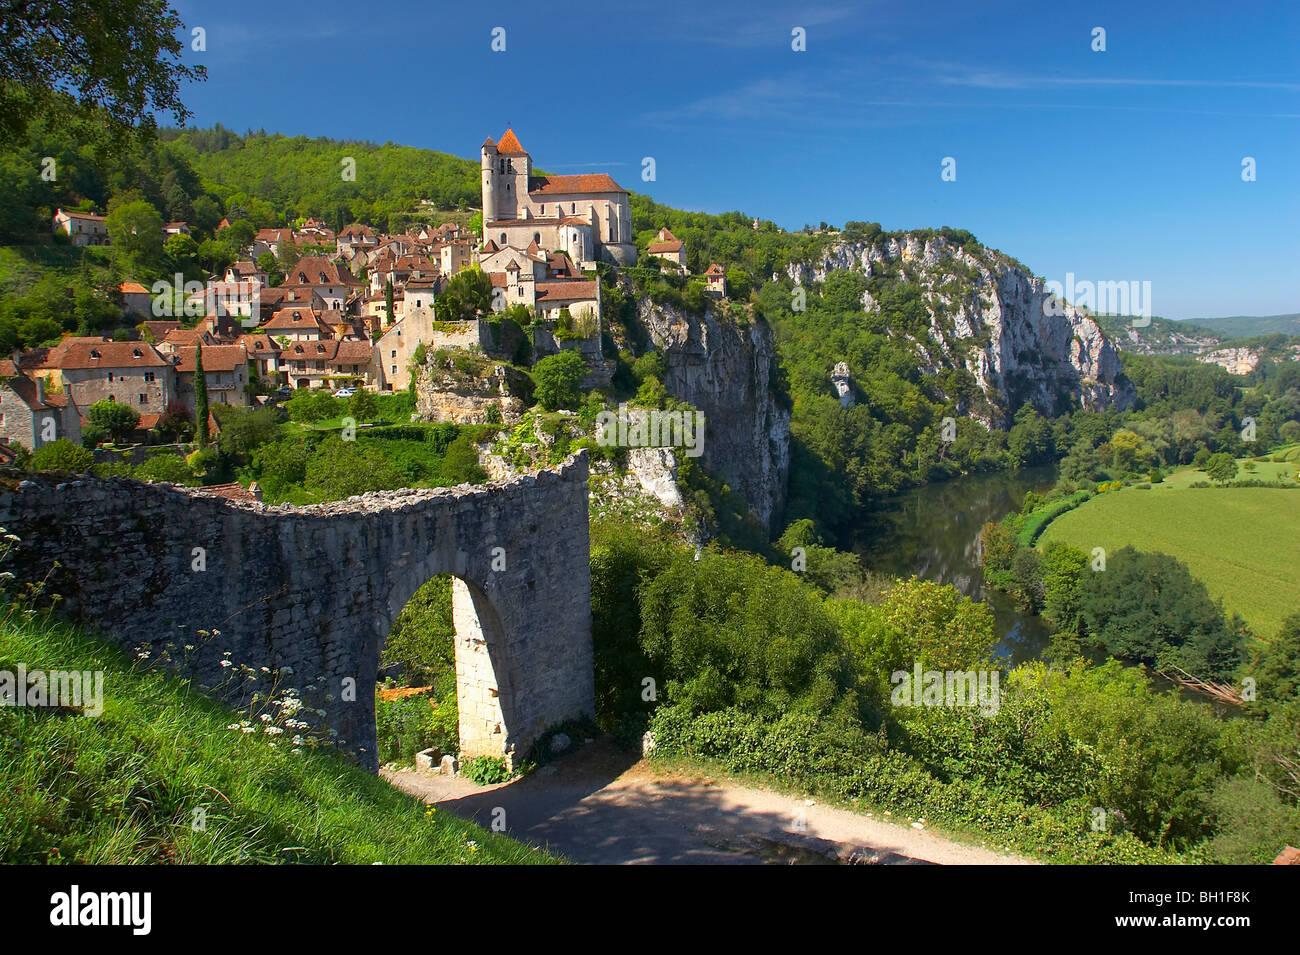 Vallée du Lot, St.Cirq-Lapopie, The Way of St. James, Roads to Santiago, Chemins de Saint-Jacques, Via Podiensis, - Stock Image